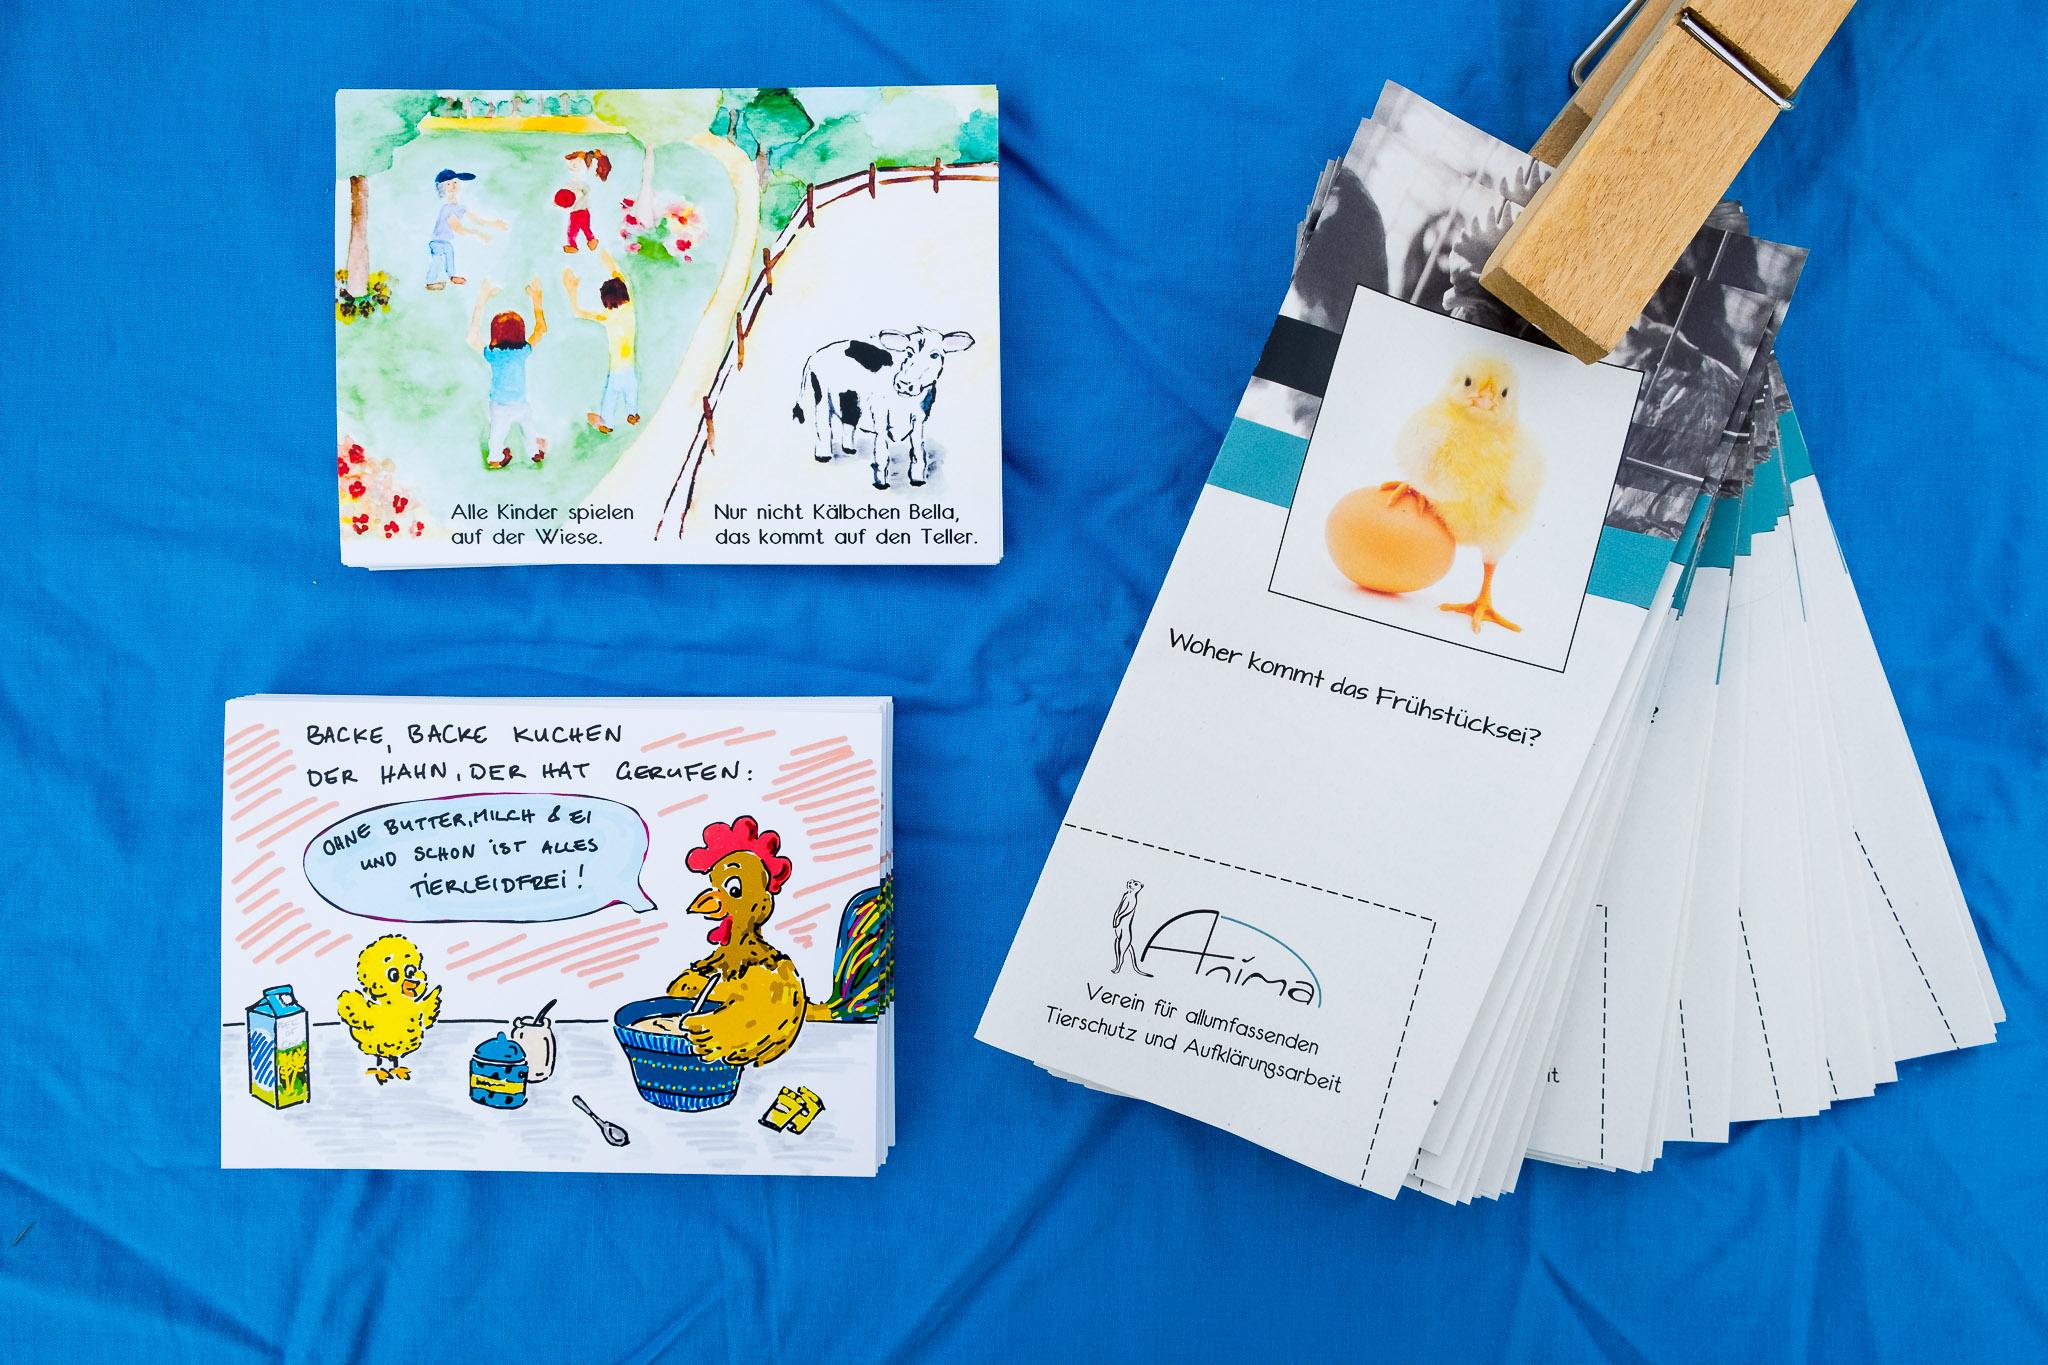 Drei Flyer mit Infotexten zur Tierausbeutung passend zu Ostern.